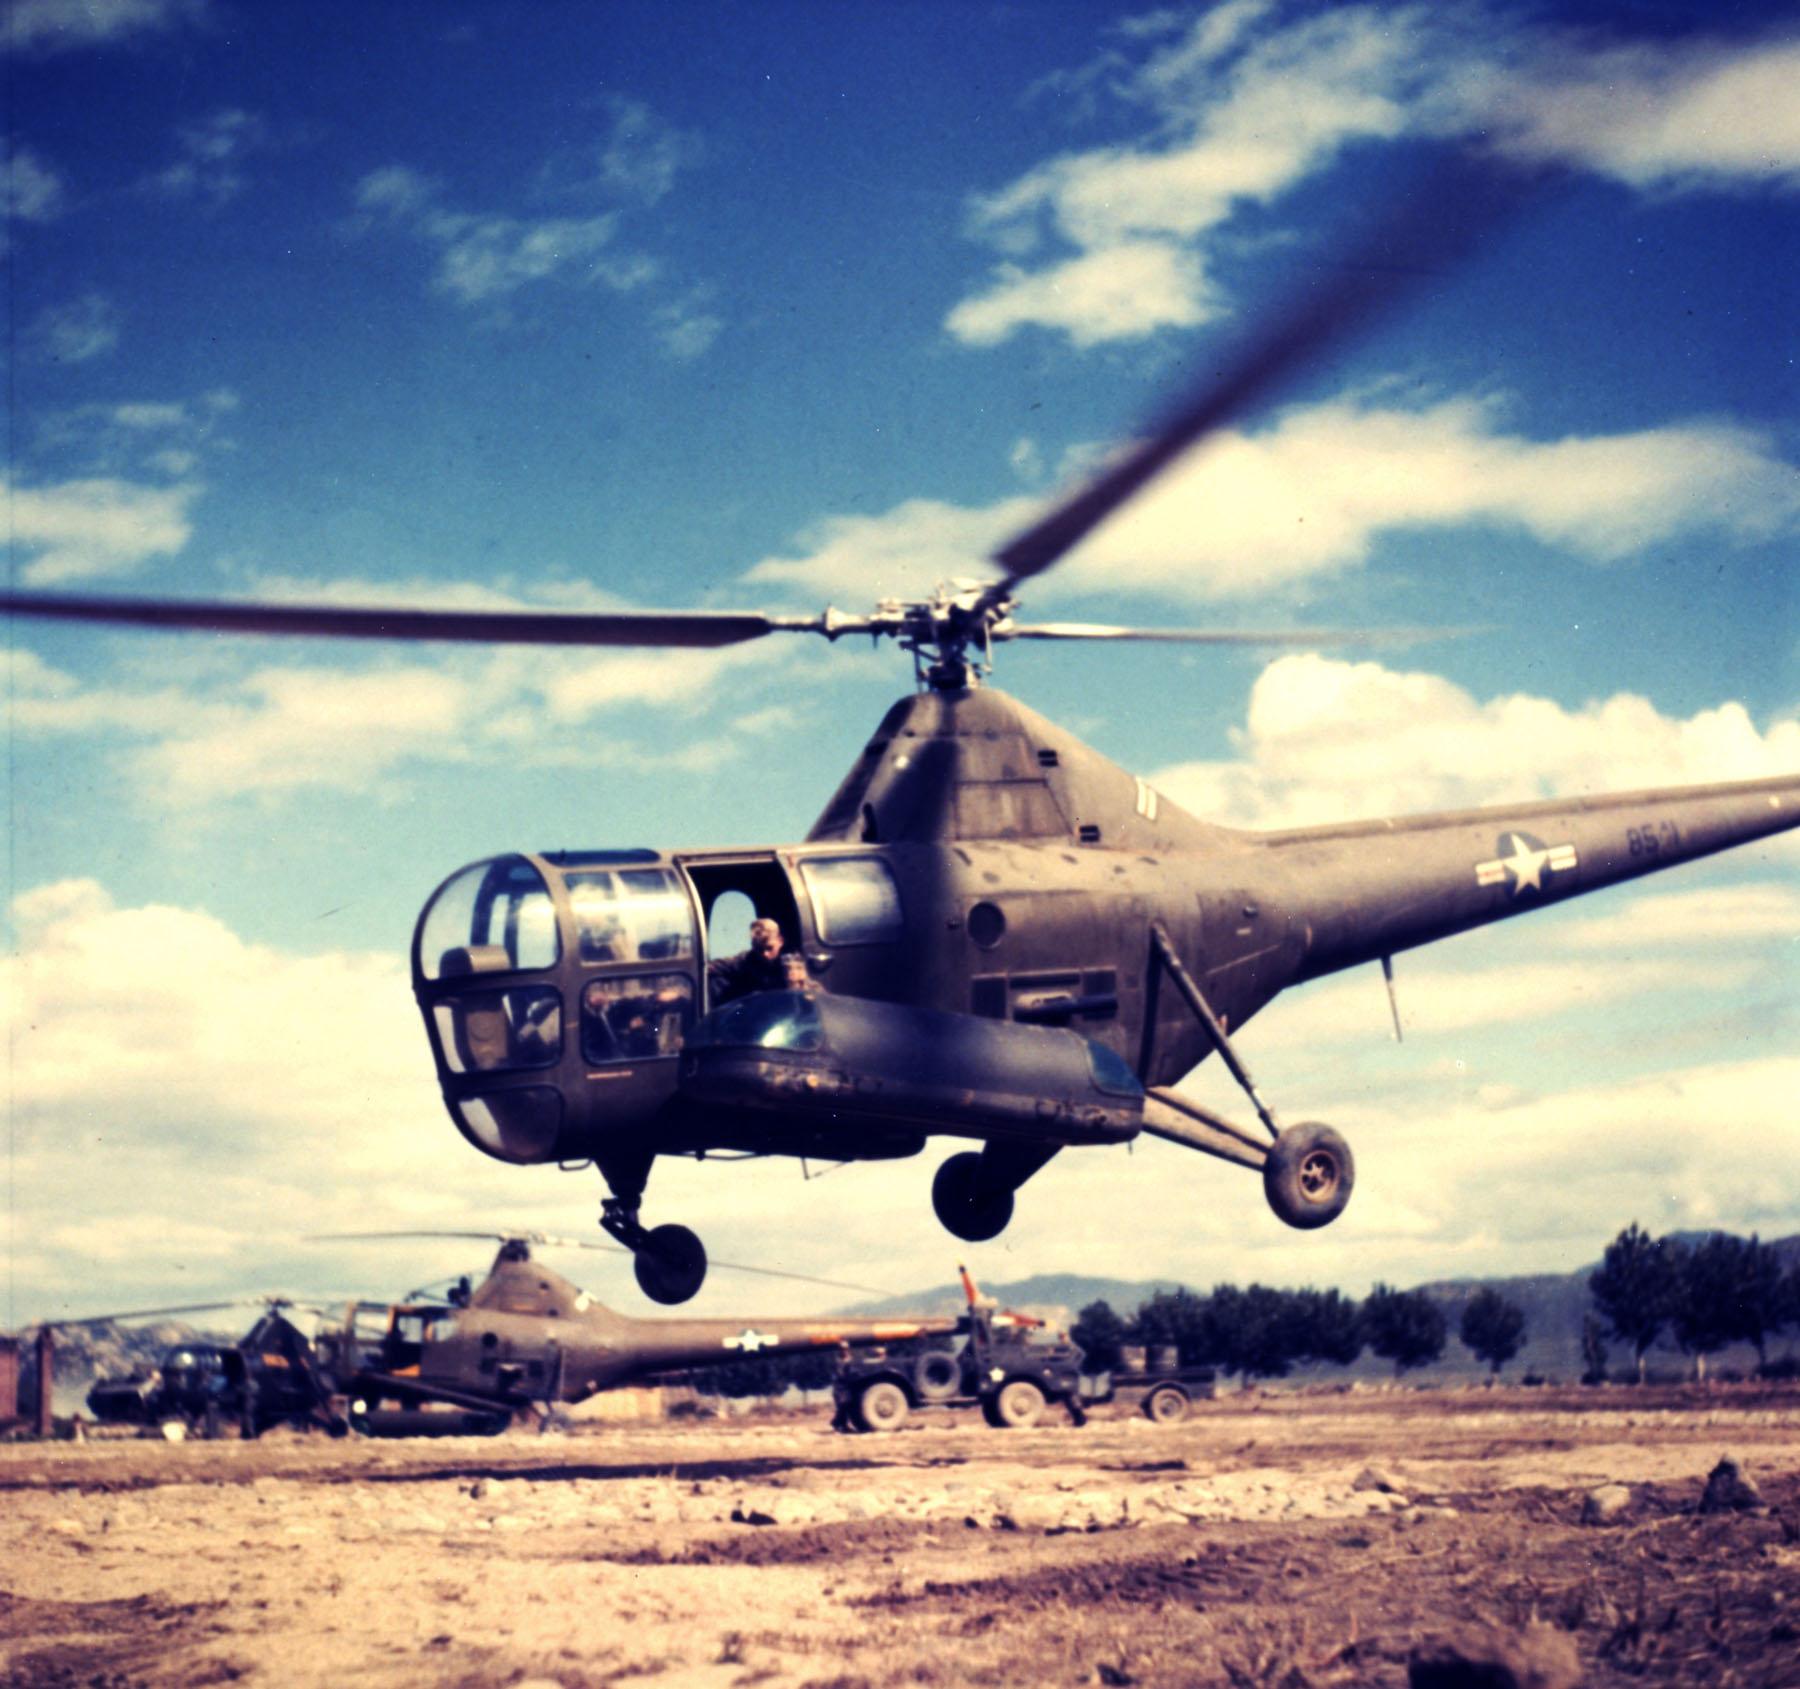 USAF_R-5_medevac_Korean_War.jpg